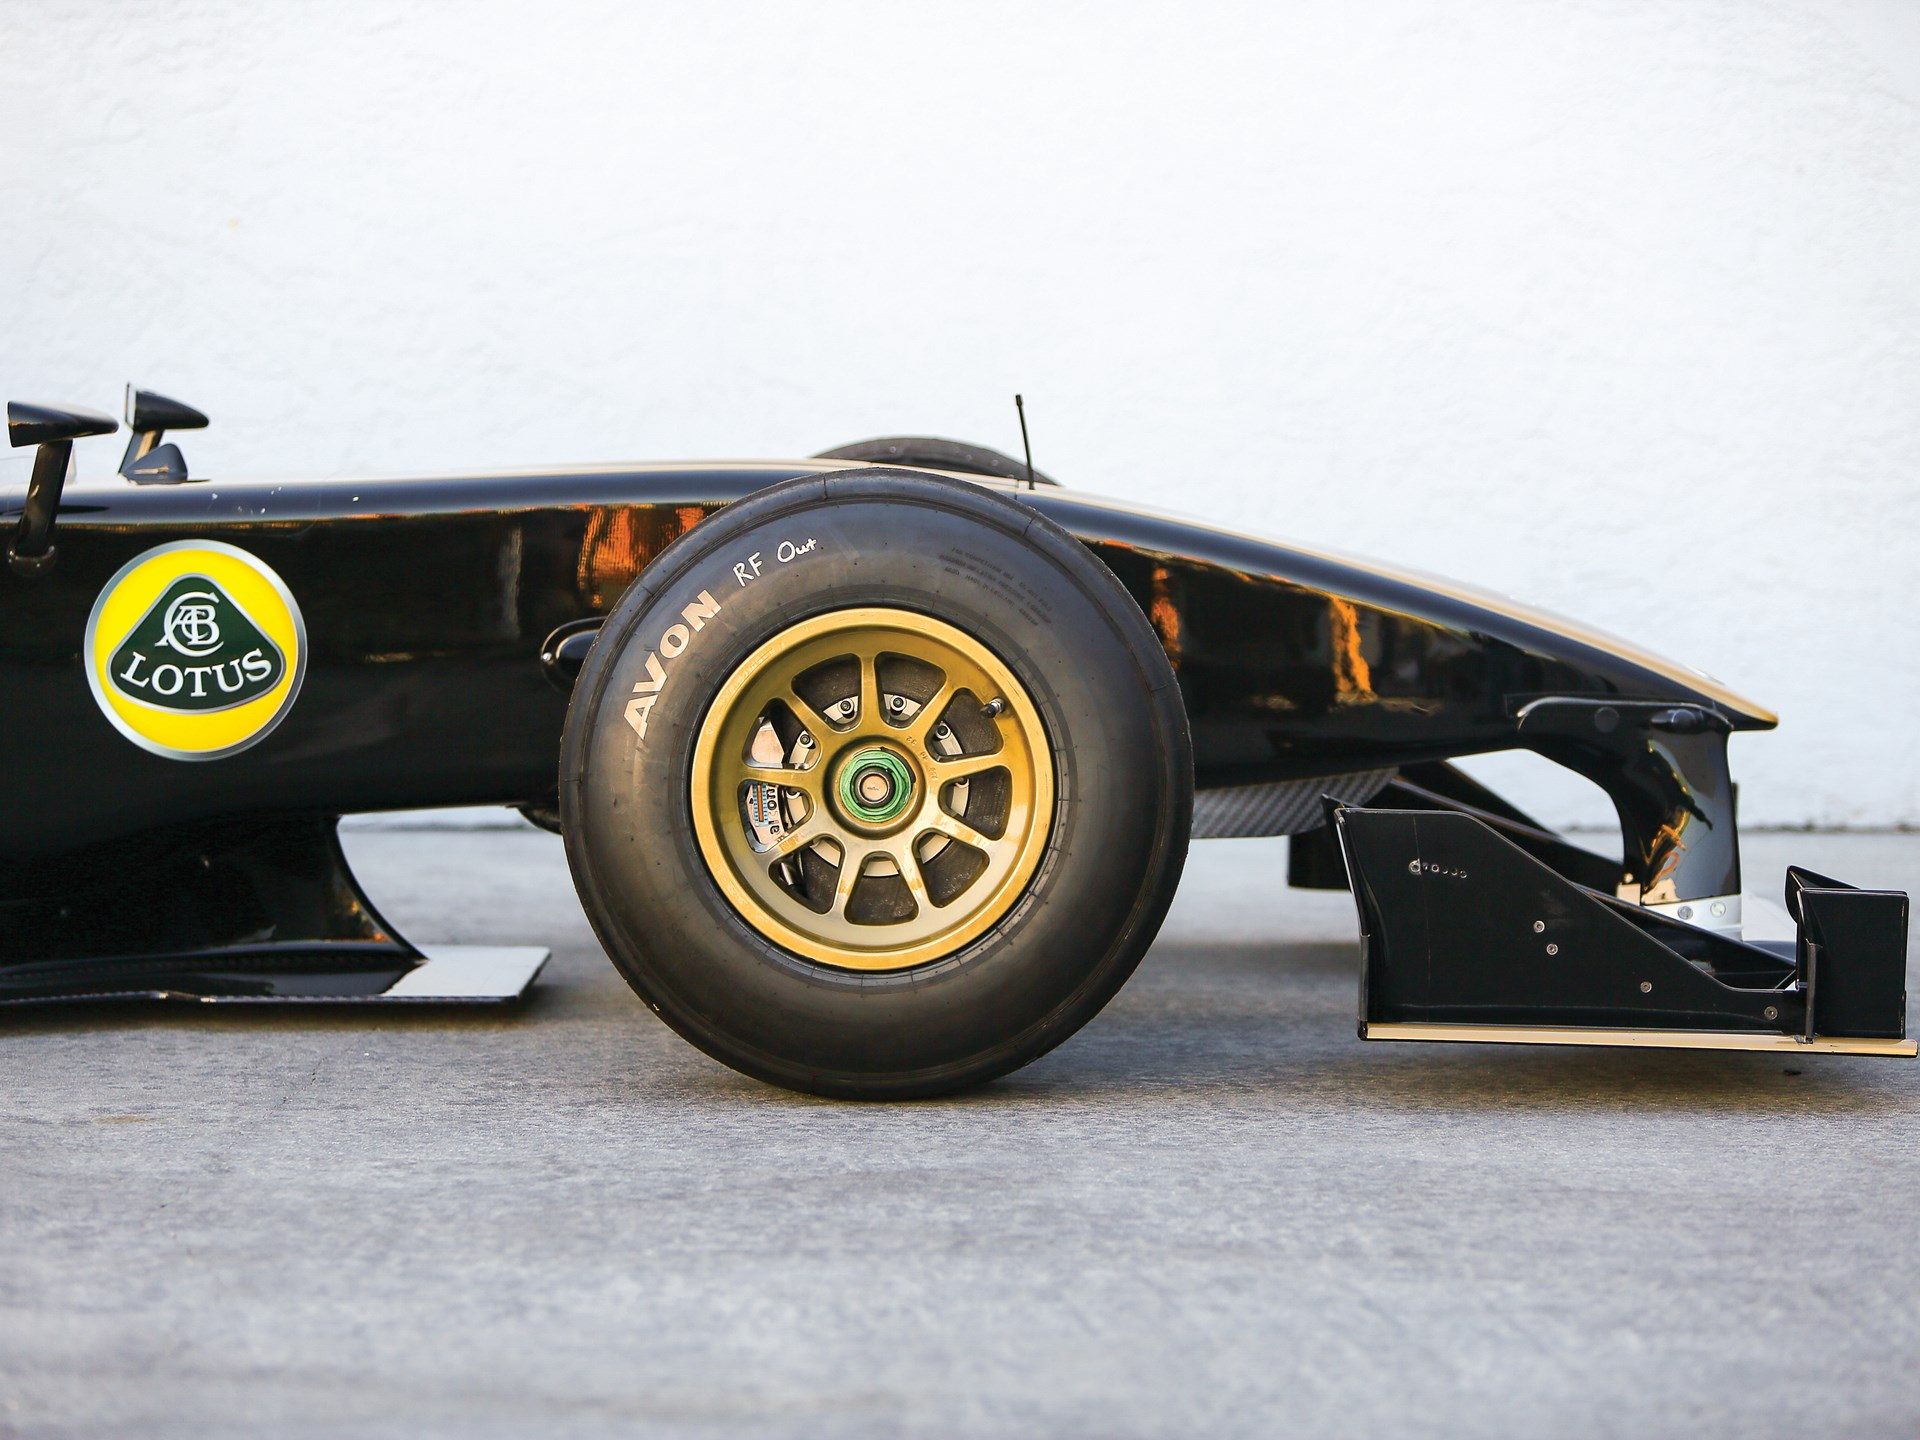 2013 Lotus T125